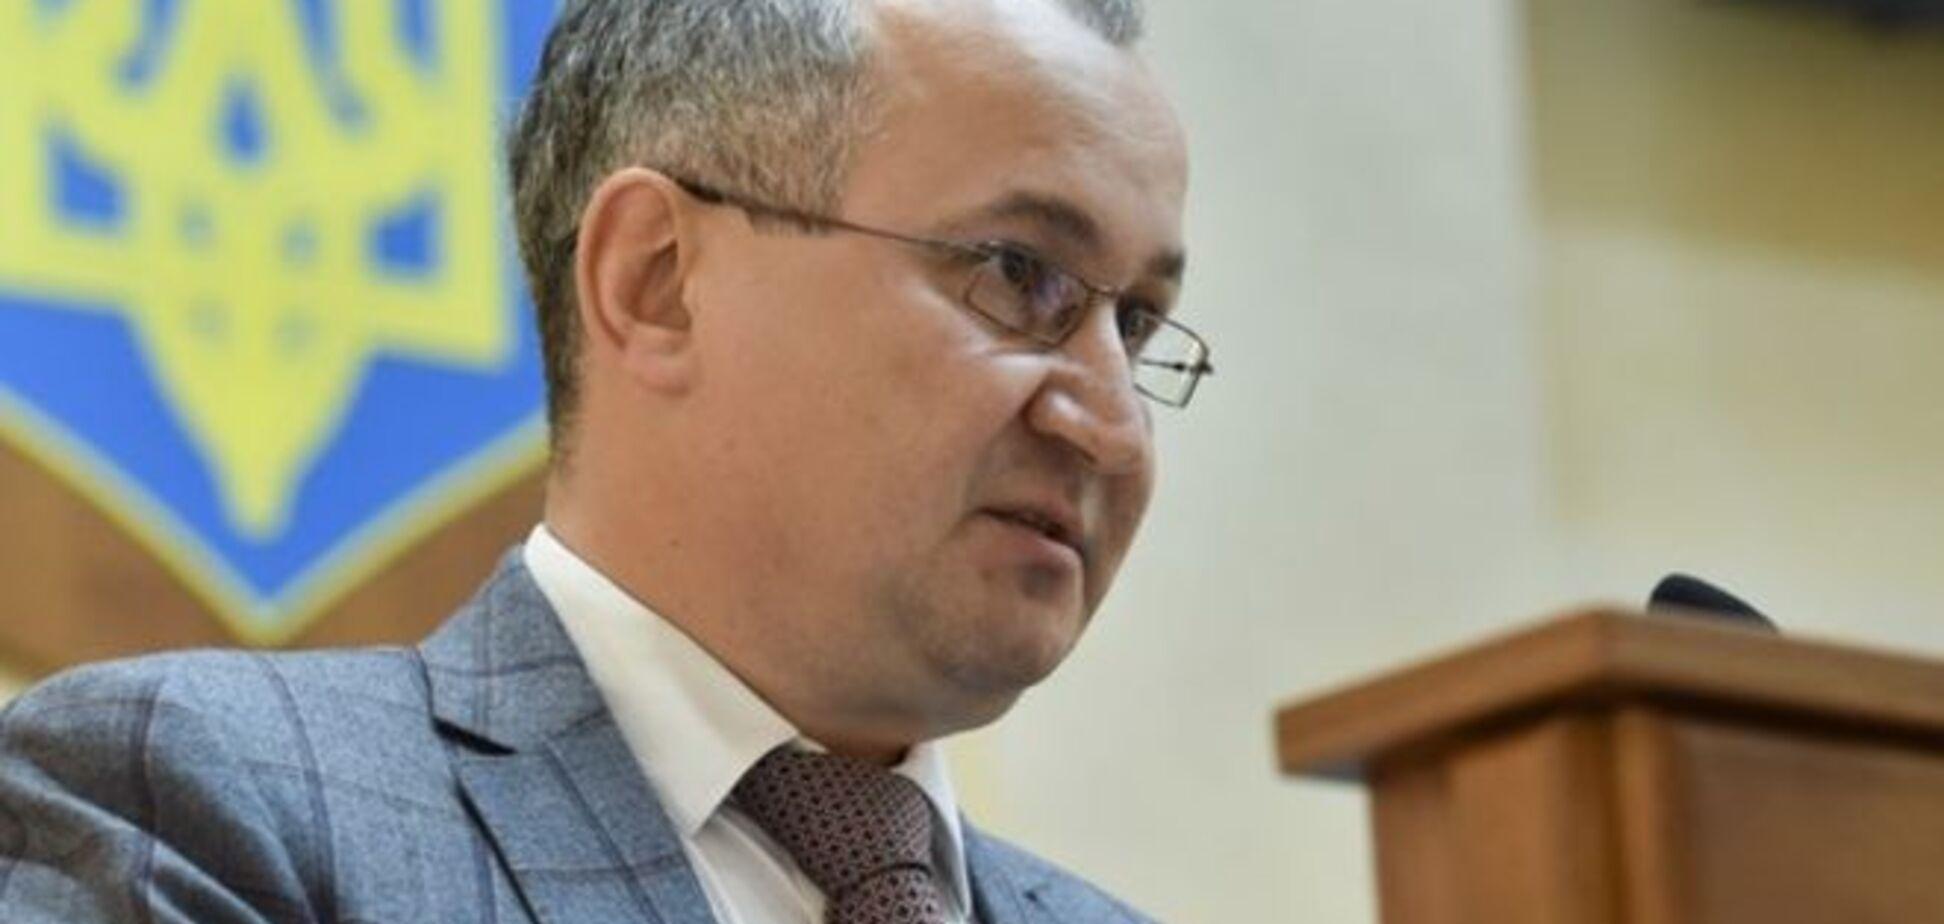 Грицак прокомментировал ситуацию в Мукачево: продолжения боевых действий не допустим